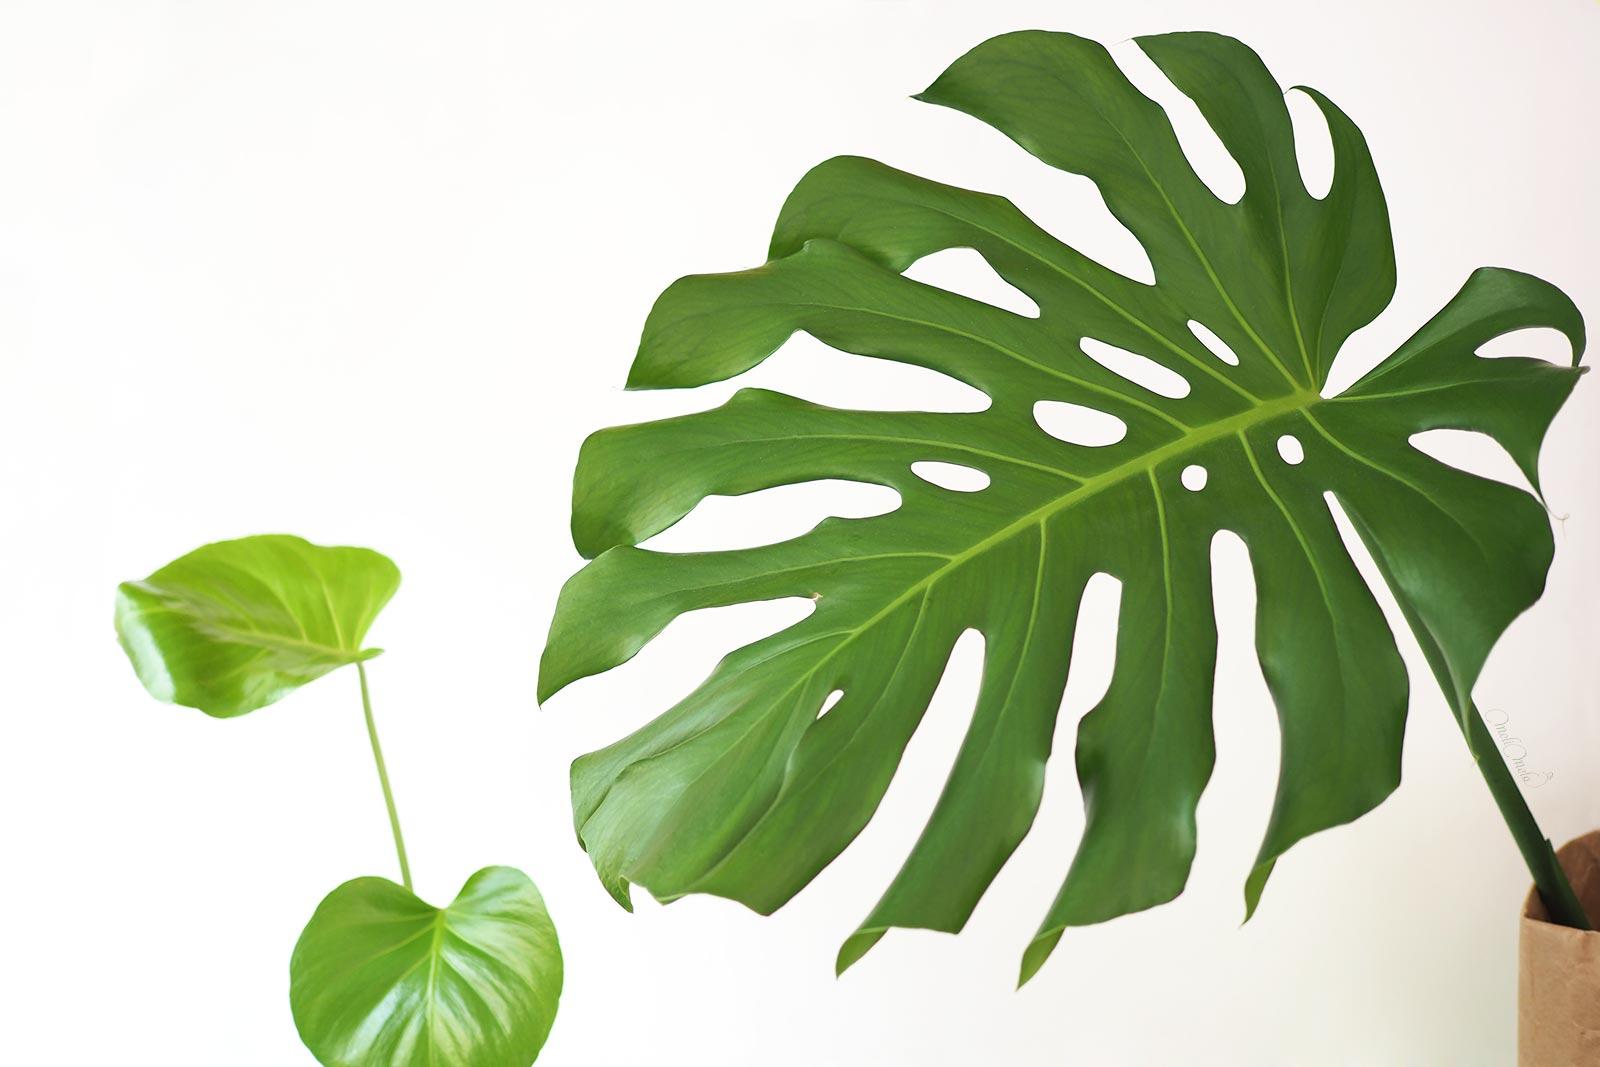 Monstera green life plants make people happy Atelier de MeliMelo